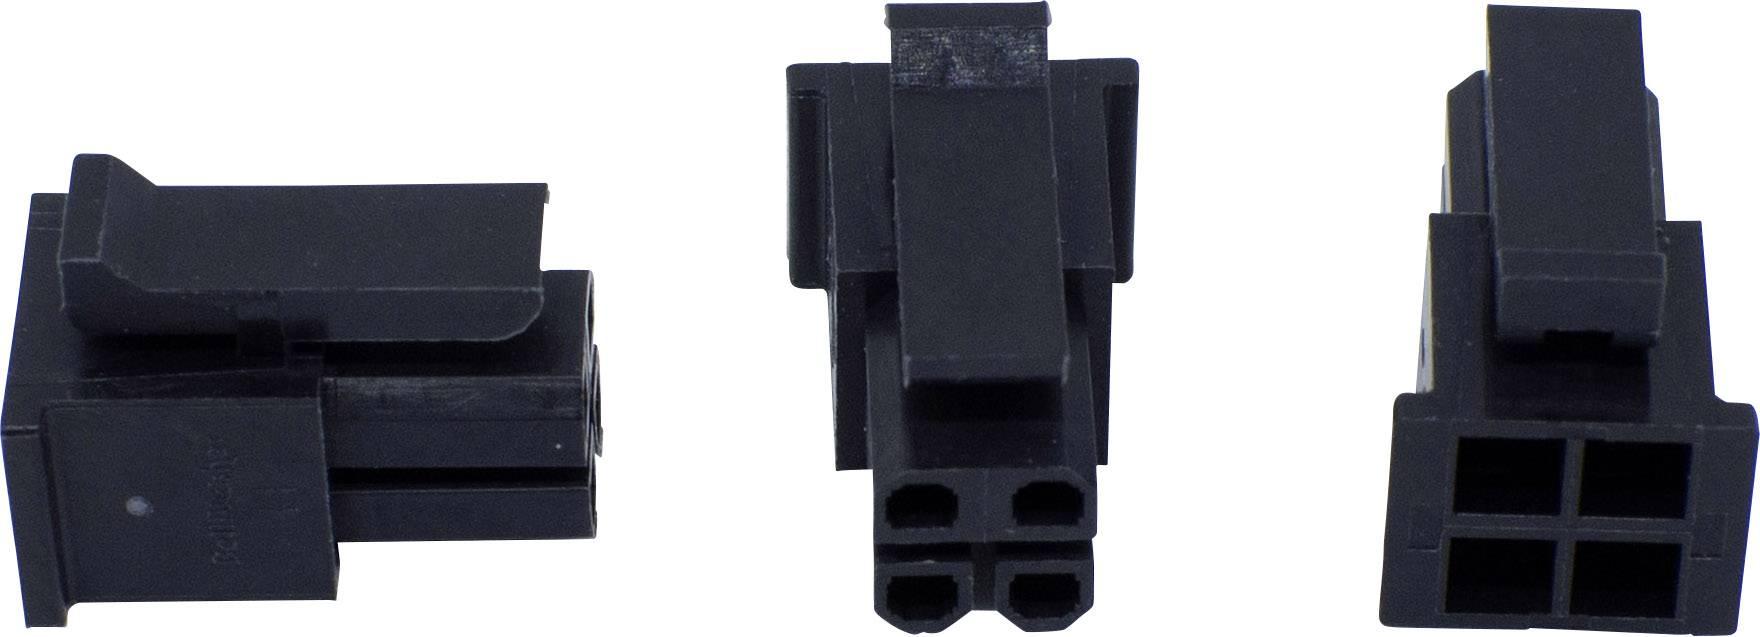 Zásuvkový konektor na kabel BellWether 70093-2200, pólů 22, rozteč 3 mm, 1 ks